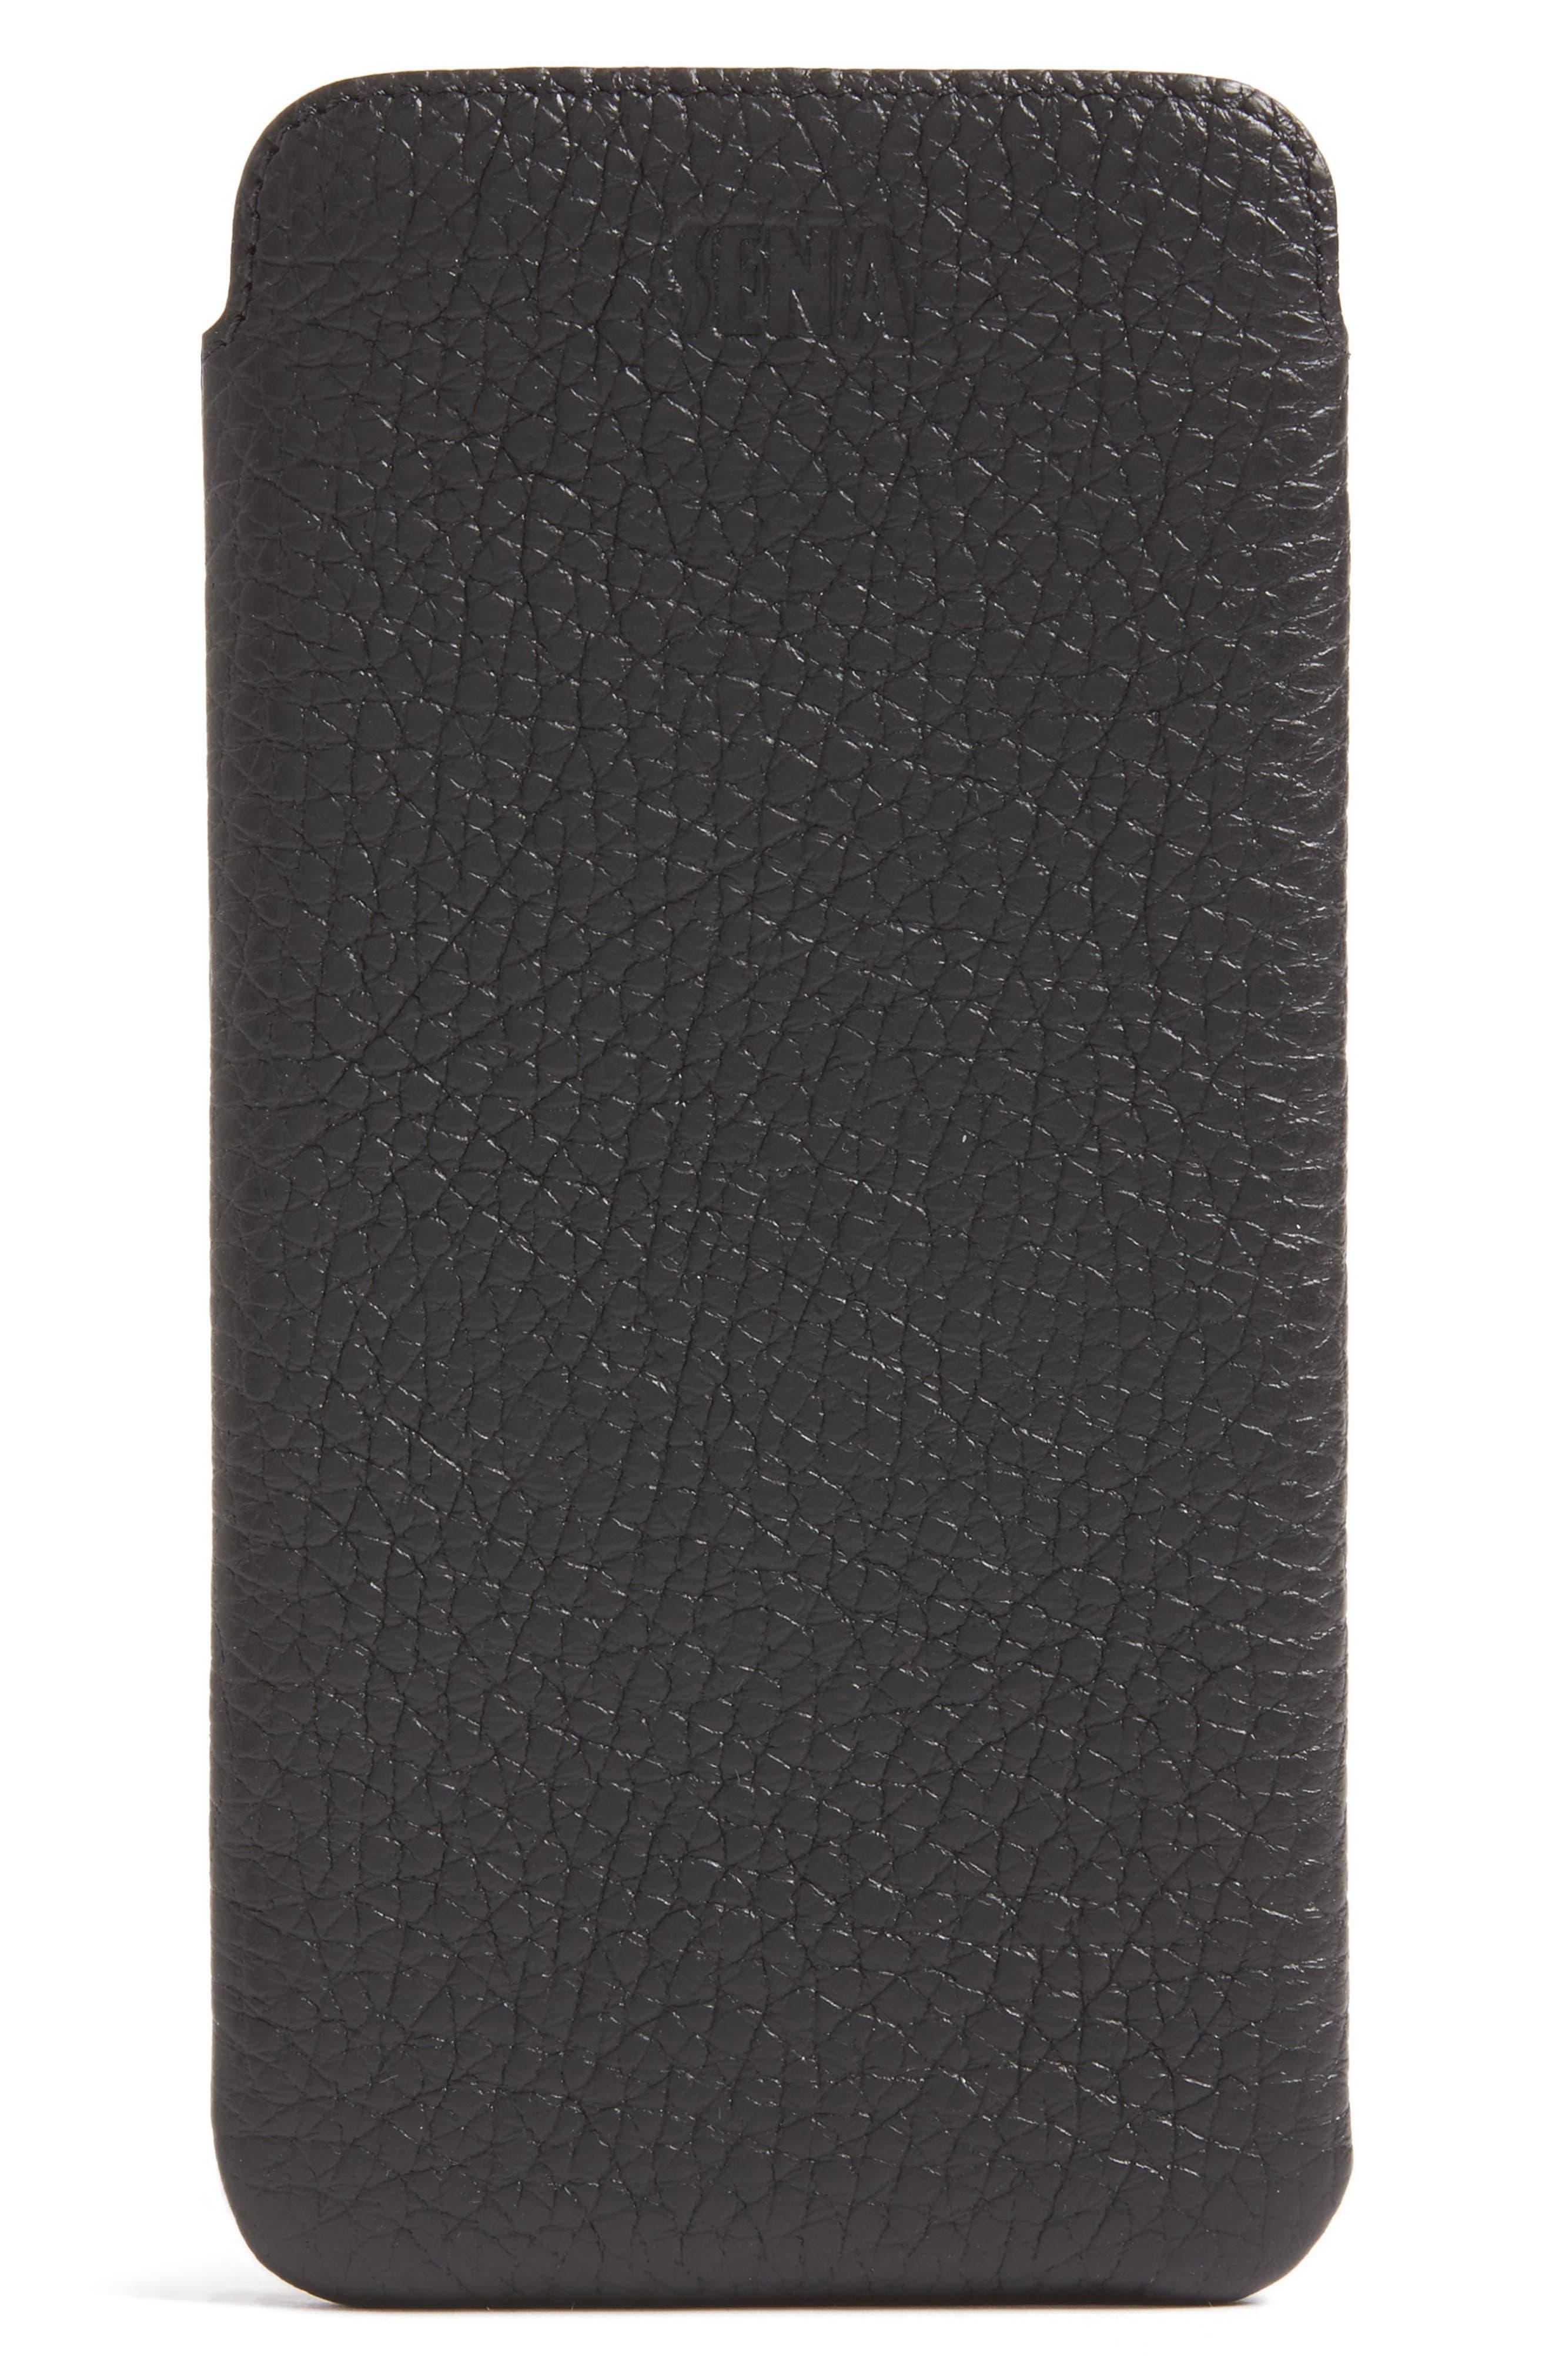 Sena Ultra Slim Classic iPhone 6/7 Plus Case